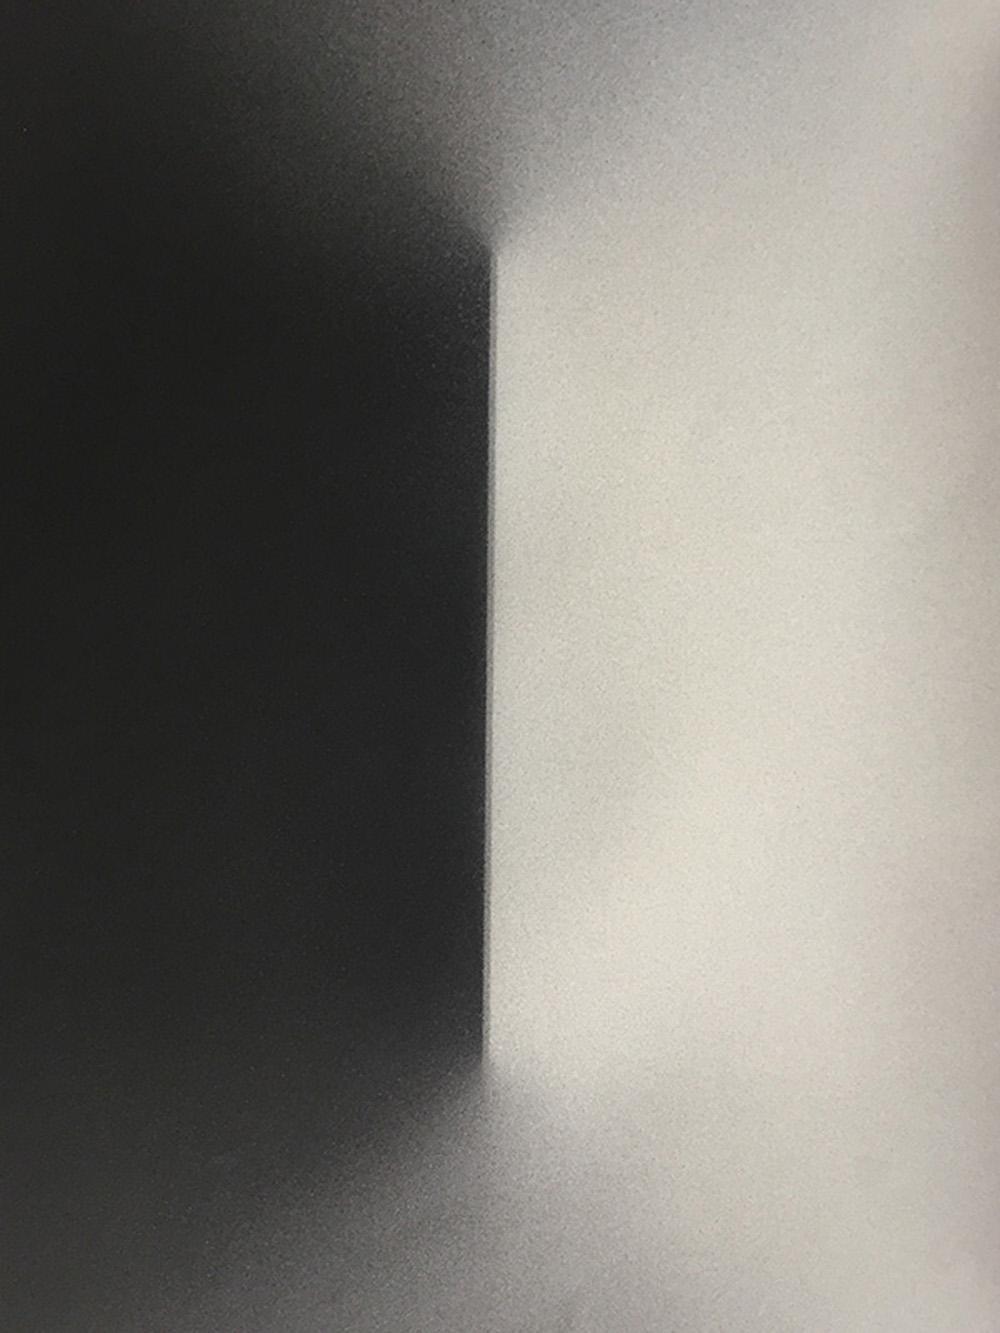 Senza titolo, 2016, tempera e inchiostro su carta montata su tela, cm 60x45